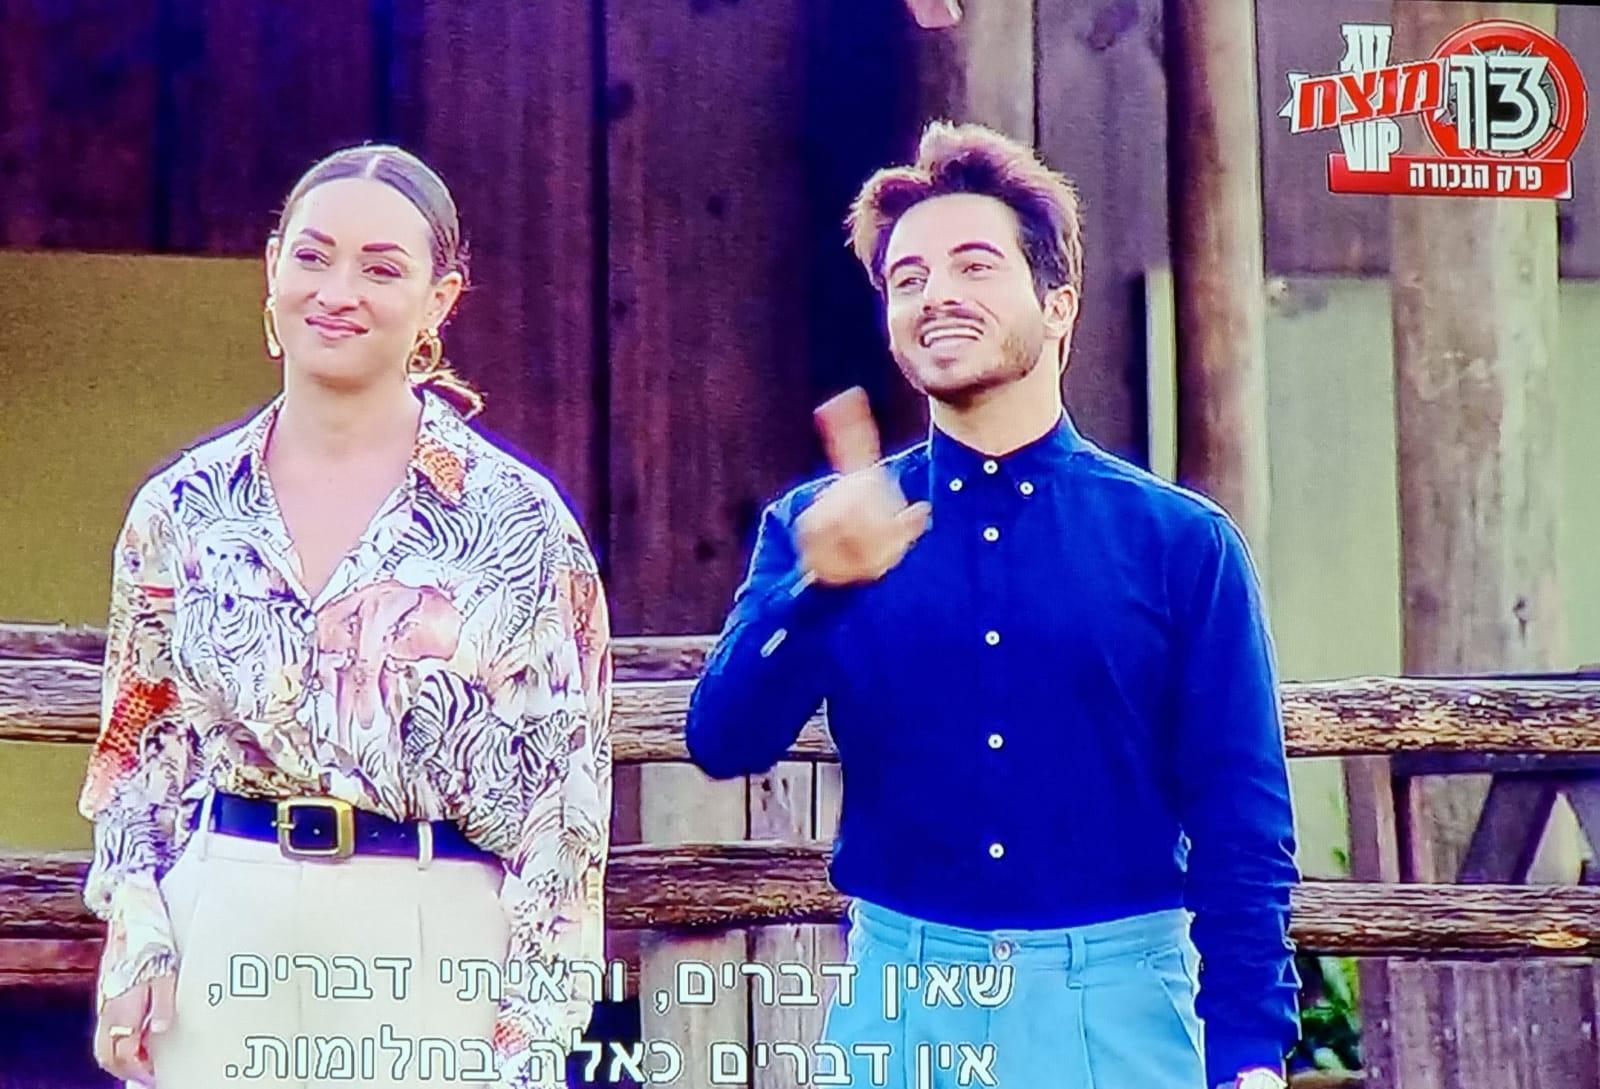 איתי תורג'מן ואנה ארונוב צילום מסך מערוץ 13